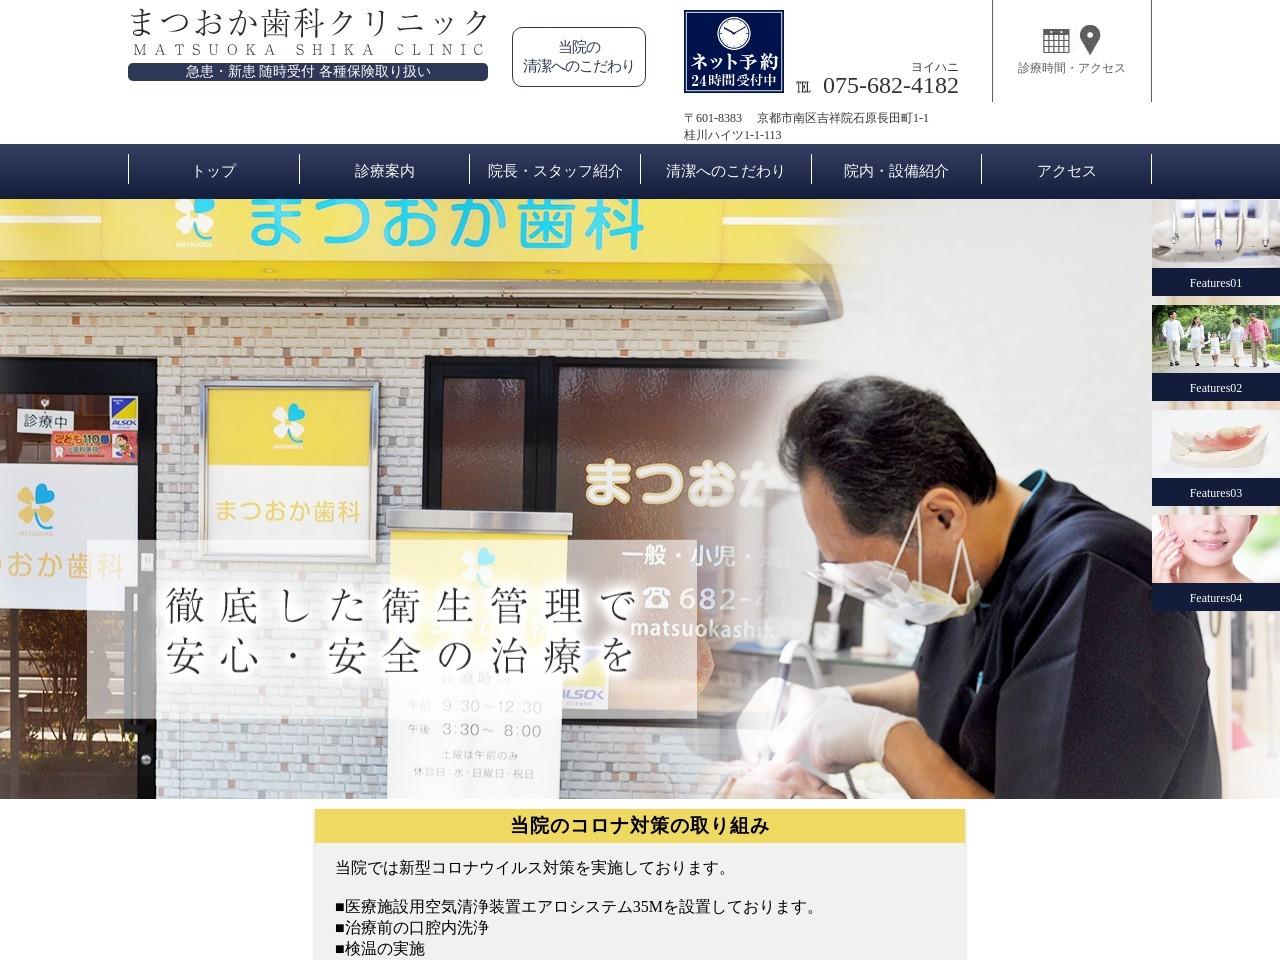 松岡歯科クリニック (京都府京都市南区)